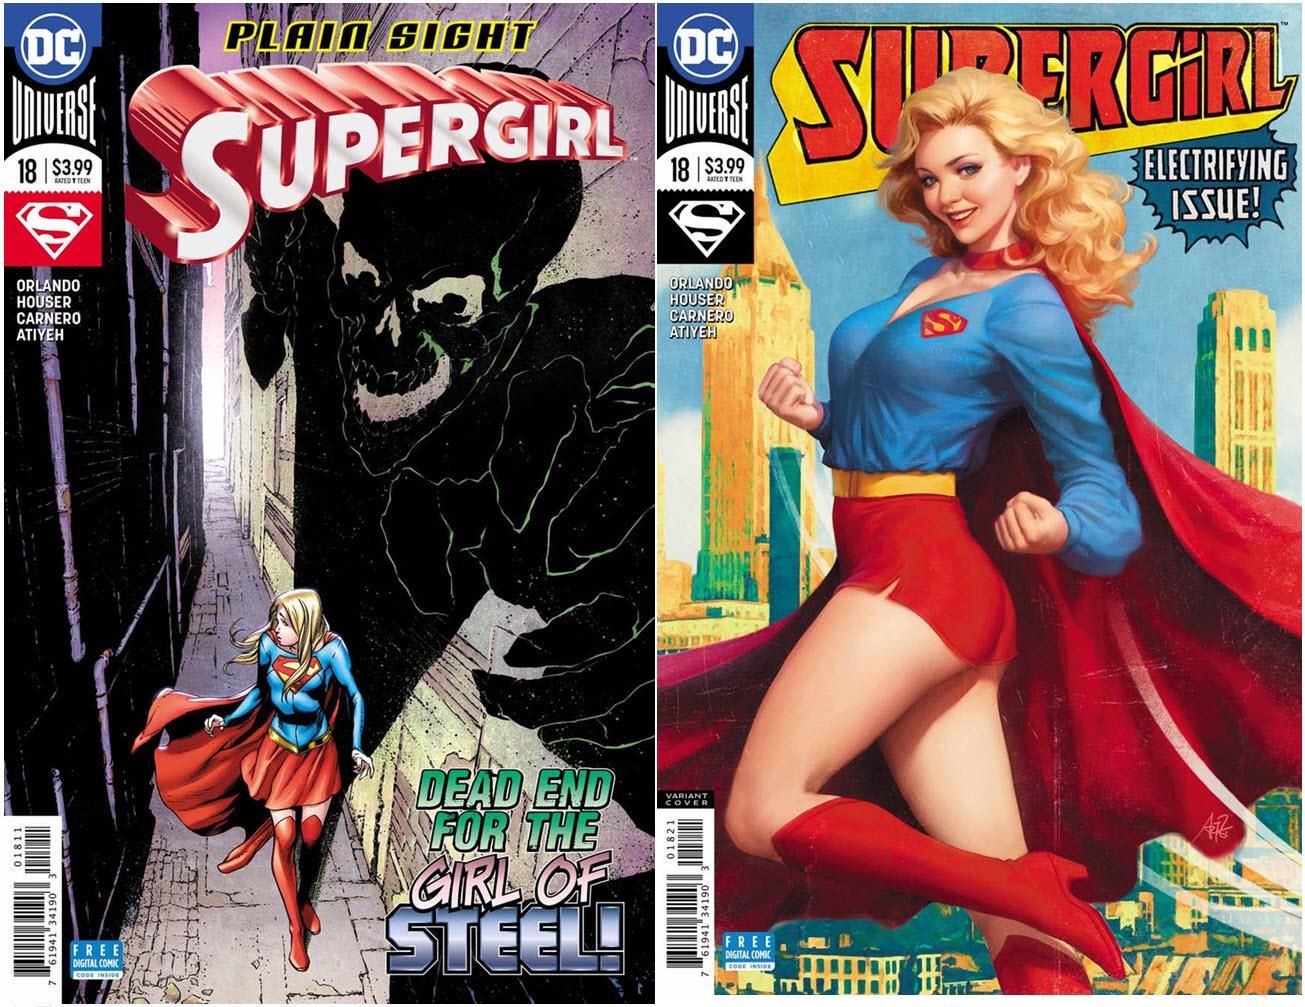 supergirl true injustice